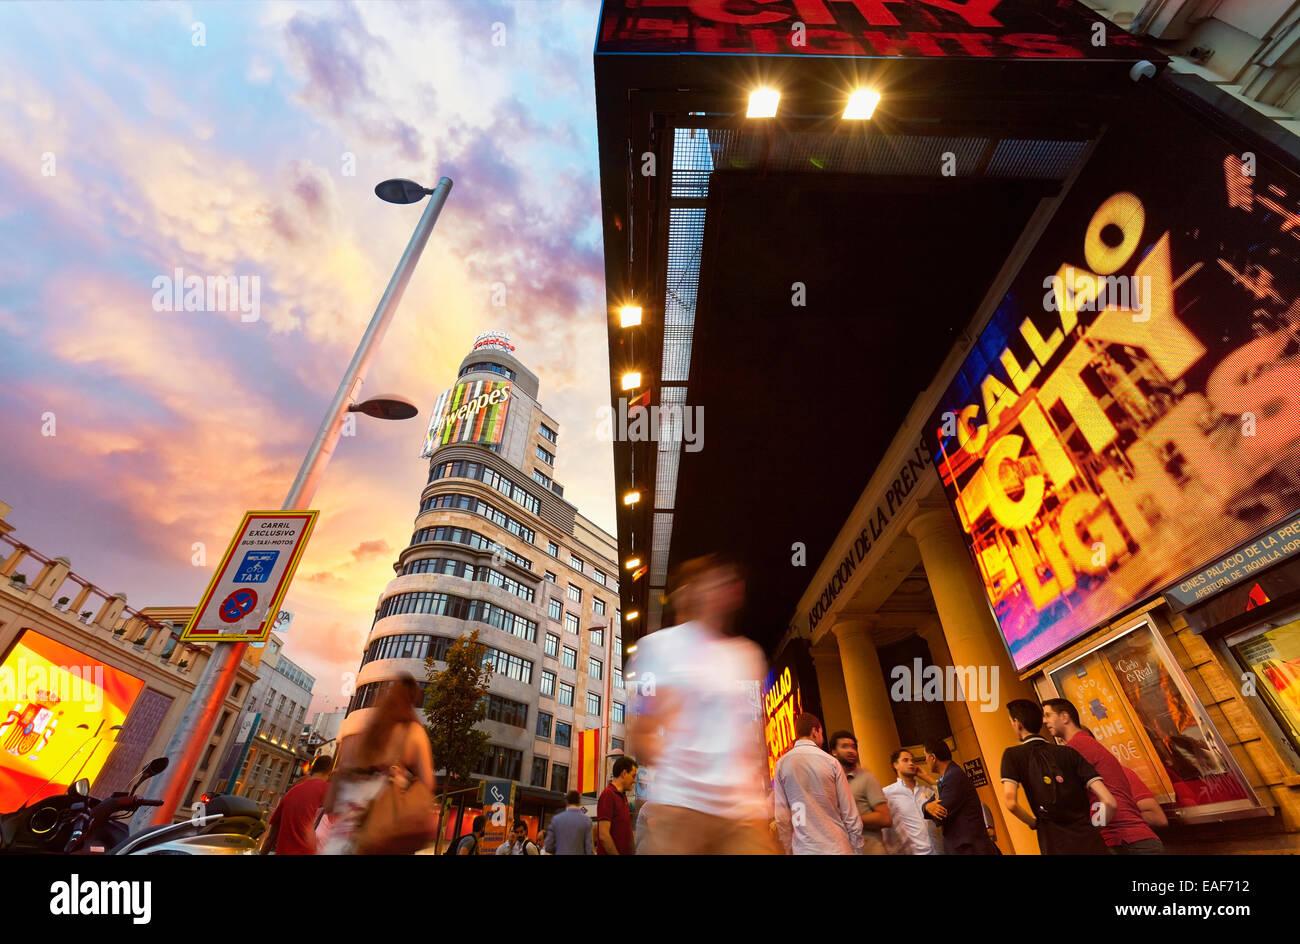 Insegne luminose in Gran Via street nella zona di intersezione con piazza Callao. Madrid. Spagna Immagini Stock